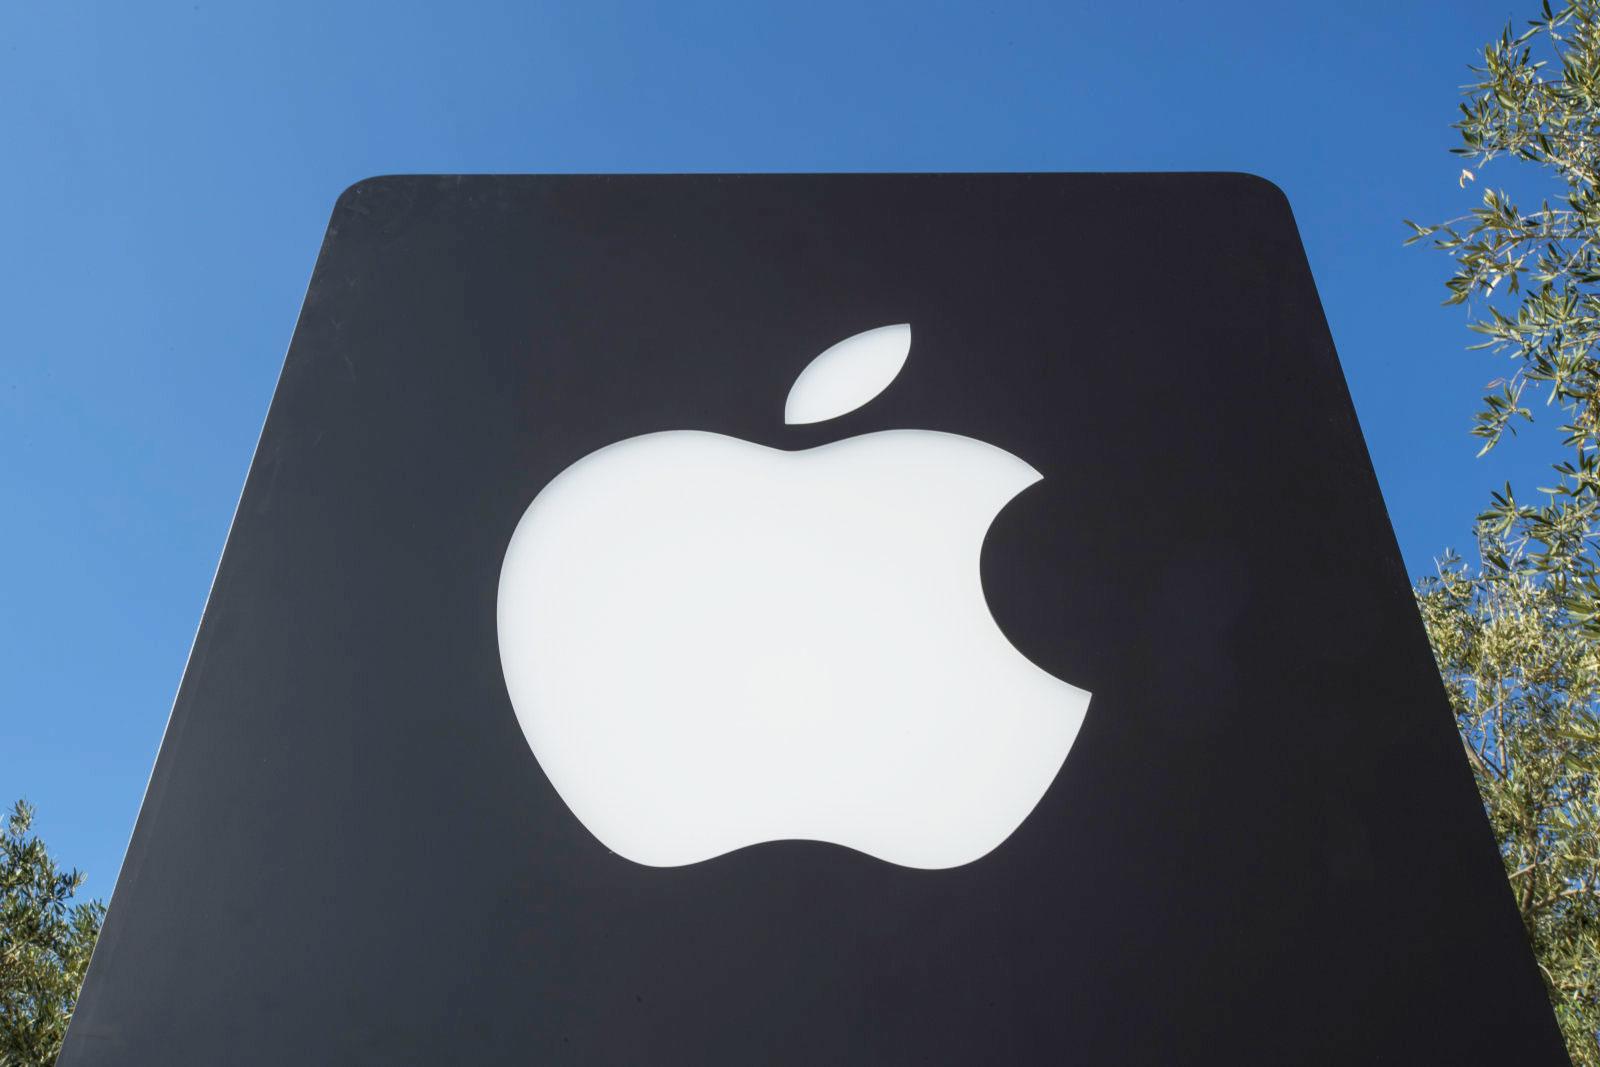 Apple confirma lo que nos temíamos: Spectre afecta a casi todos sus dispositivos